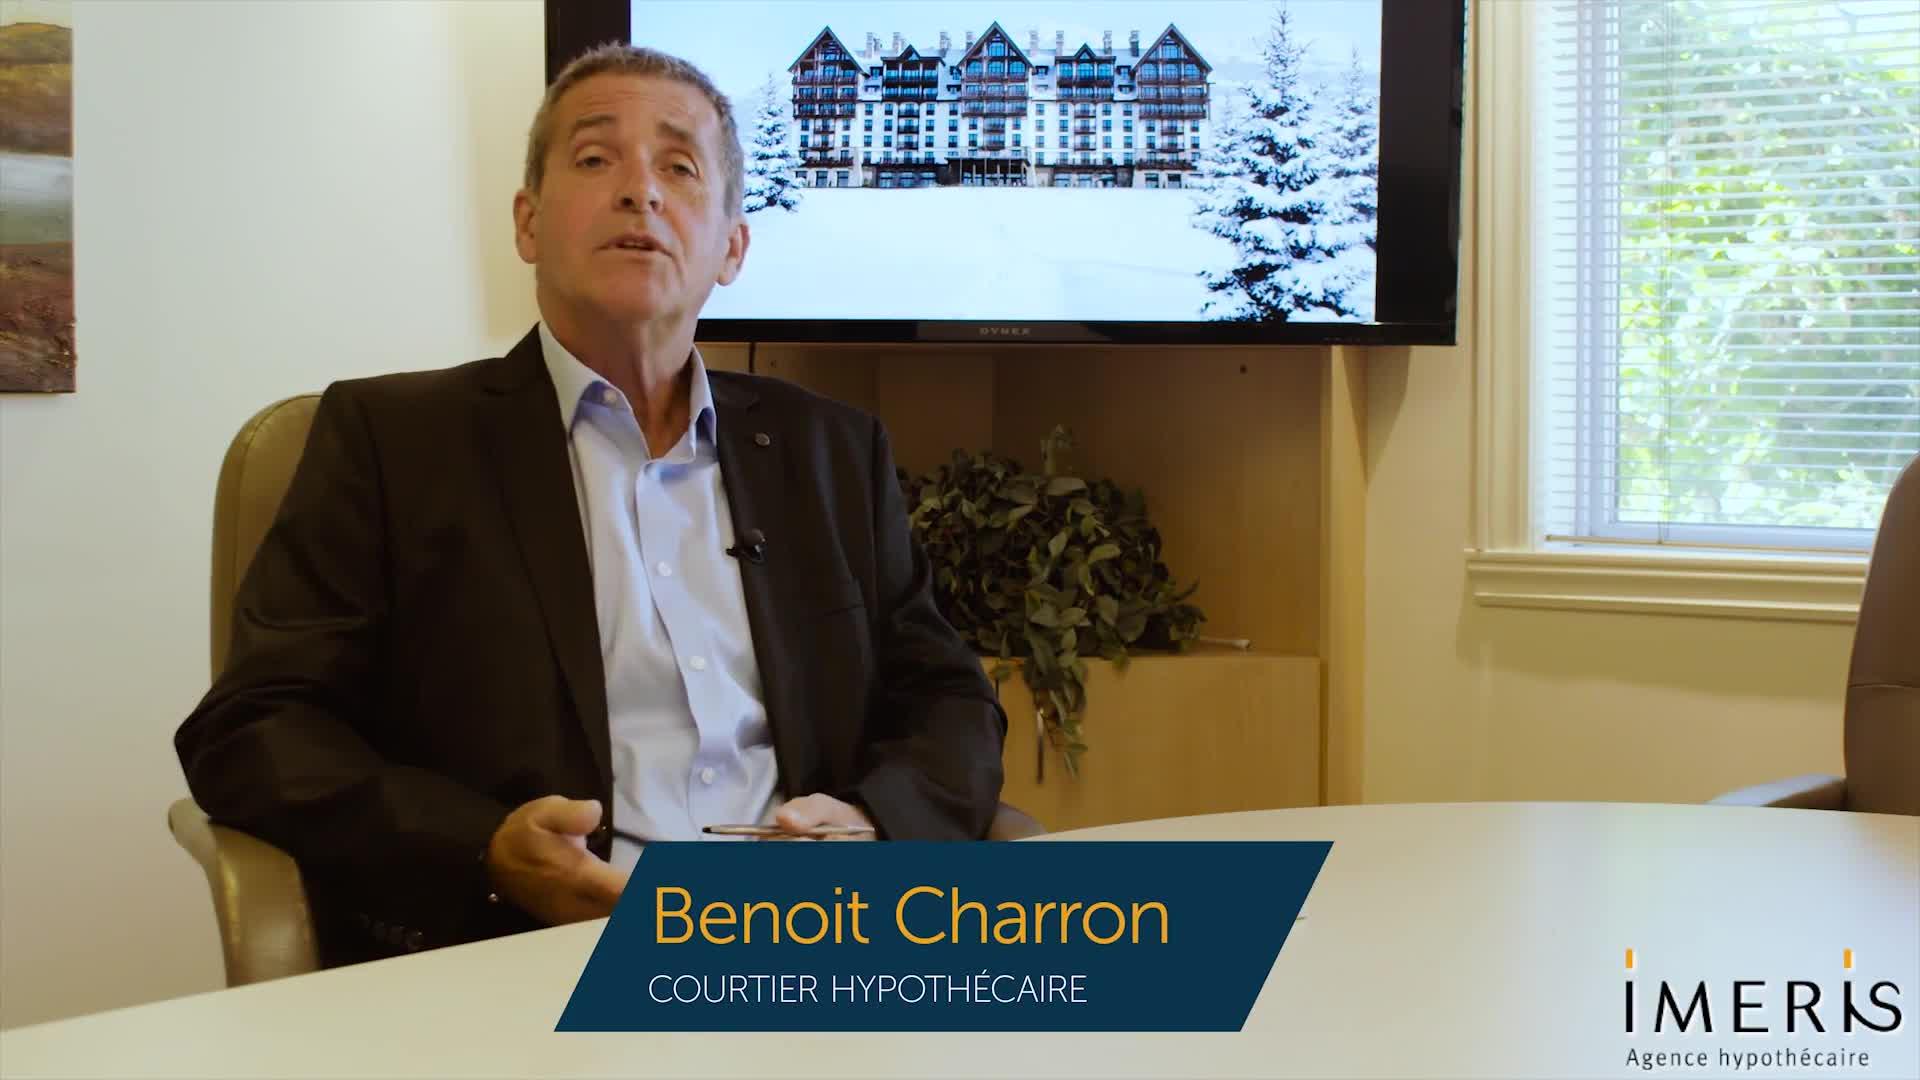 Benoit Charron Courtier Hypothécaire Imeris - Courtiers en hypothèque - 5149846665